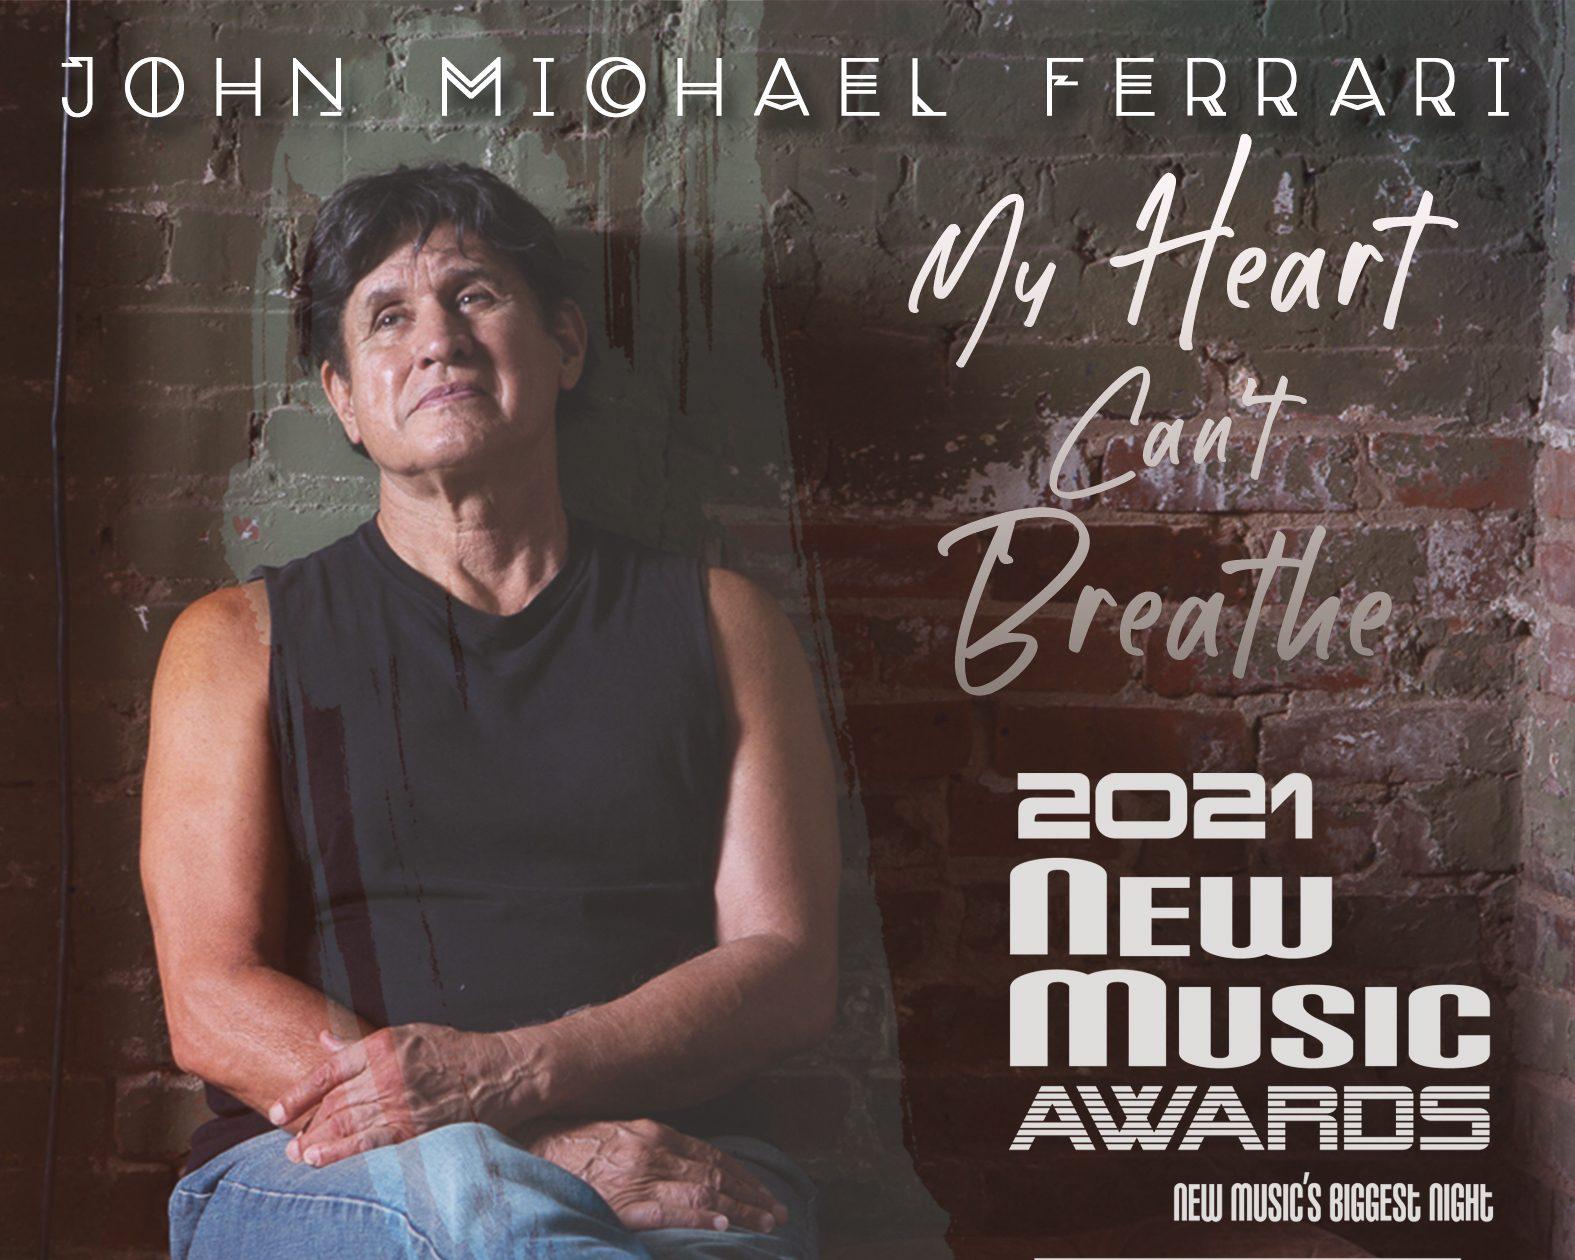 John Michael Ferrari – My Heart Can't Breathe Cover Artworkfor advertising